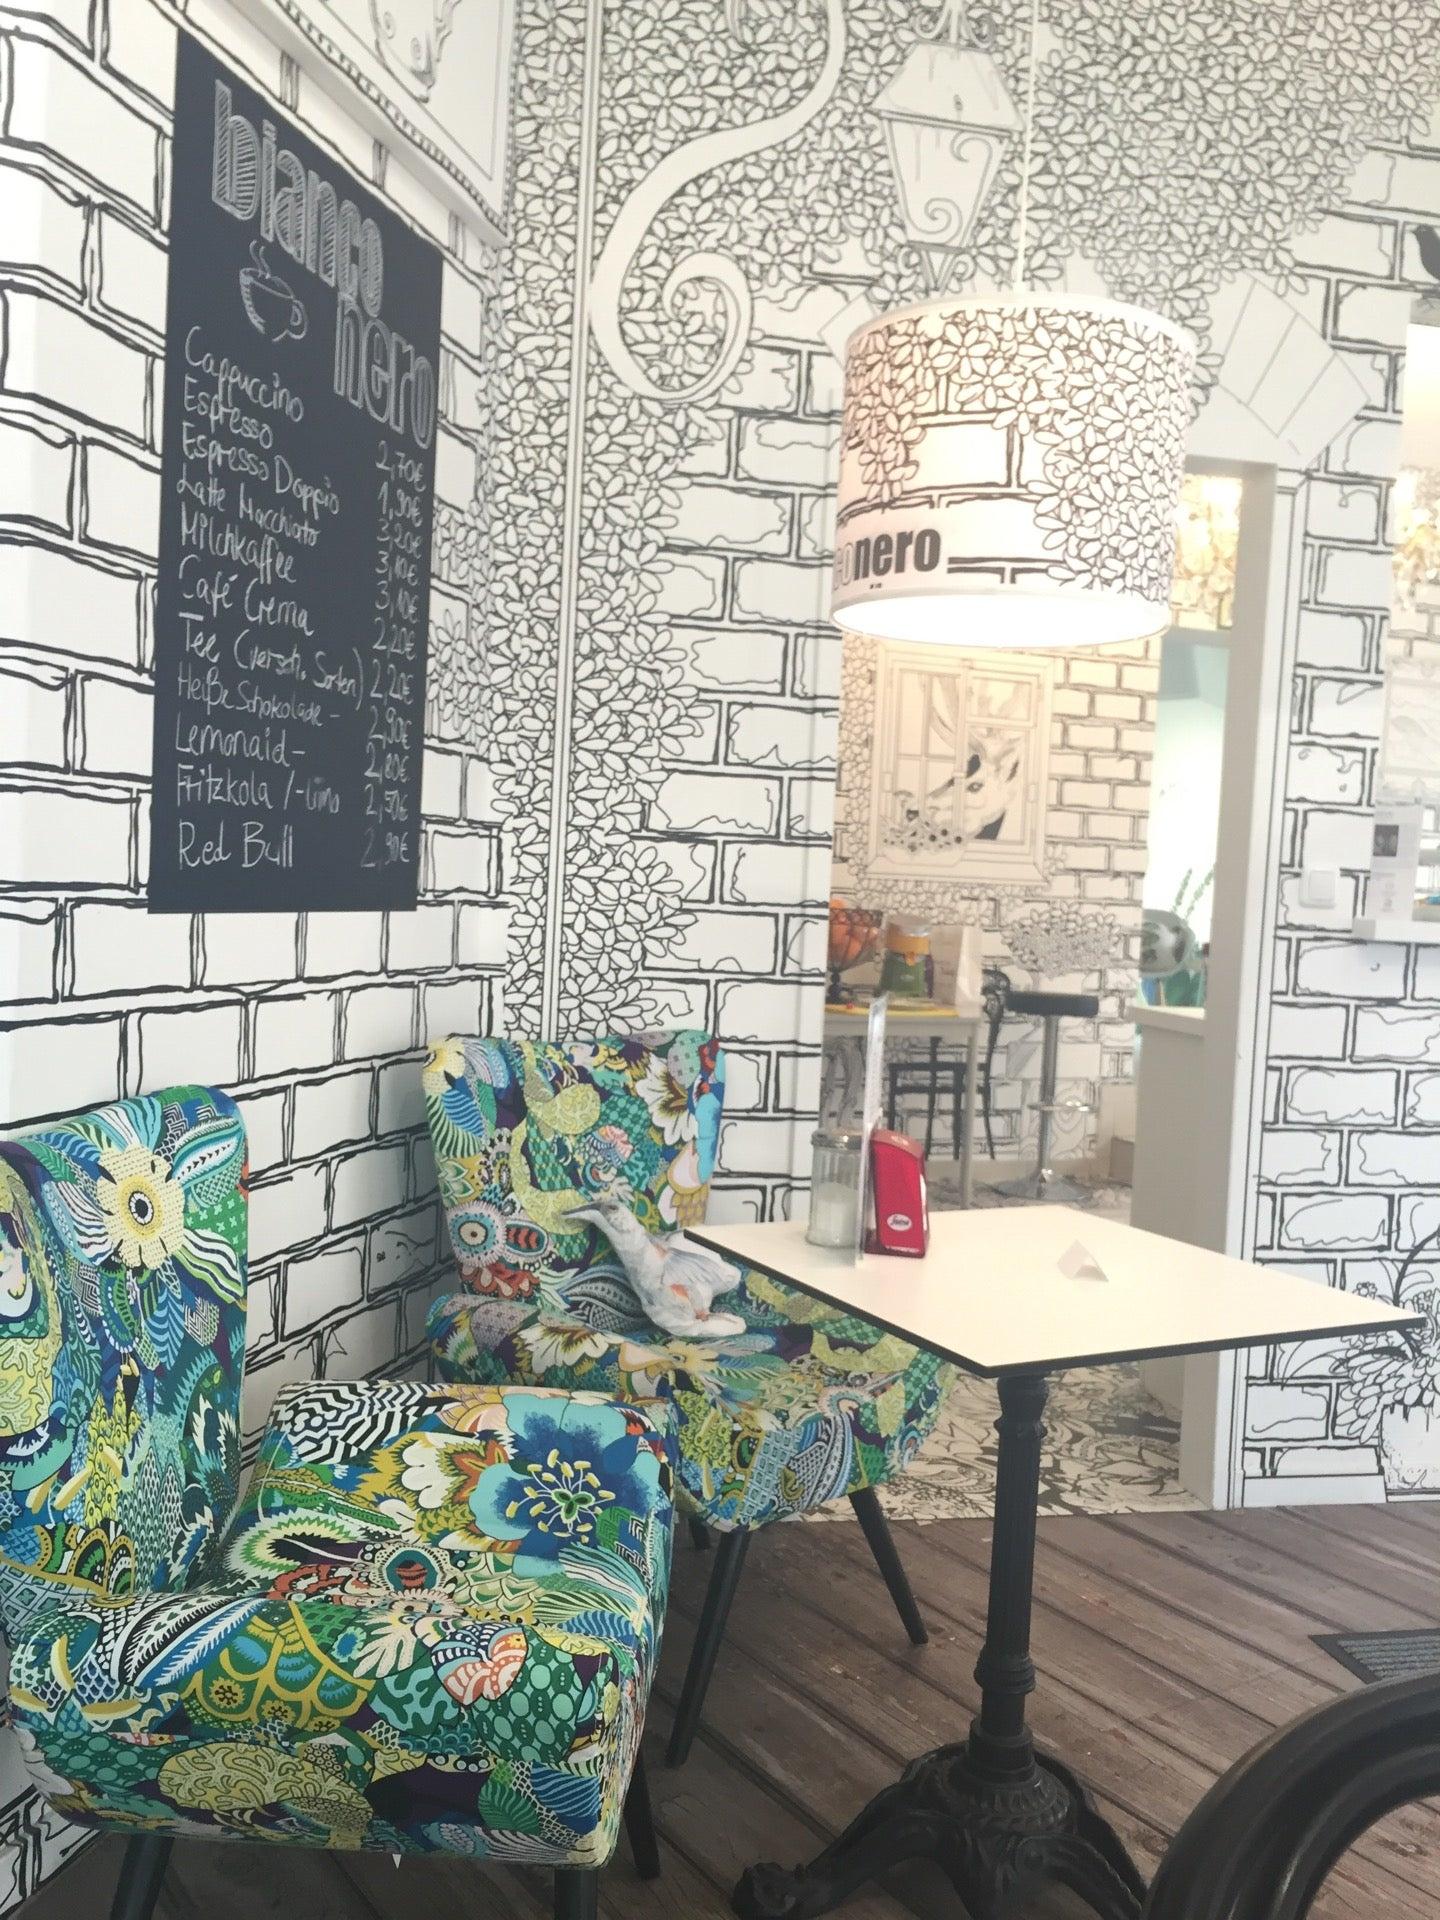 1 hei getr nk und eis f r zwei oder vier oder 1 bild im passepartout im caf bianconero ab 5. Black Bedroom Furniture Sets. Home Design Ideas